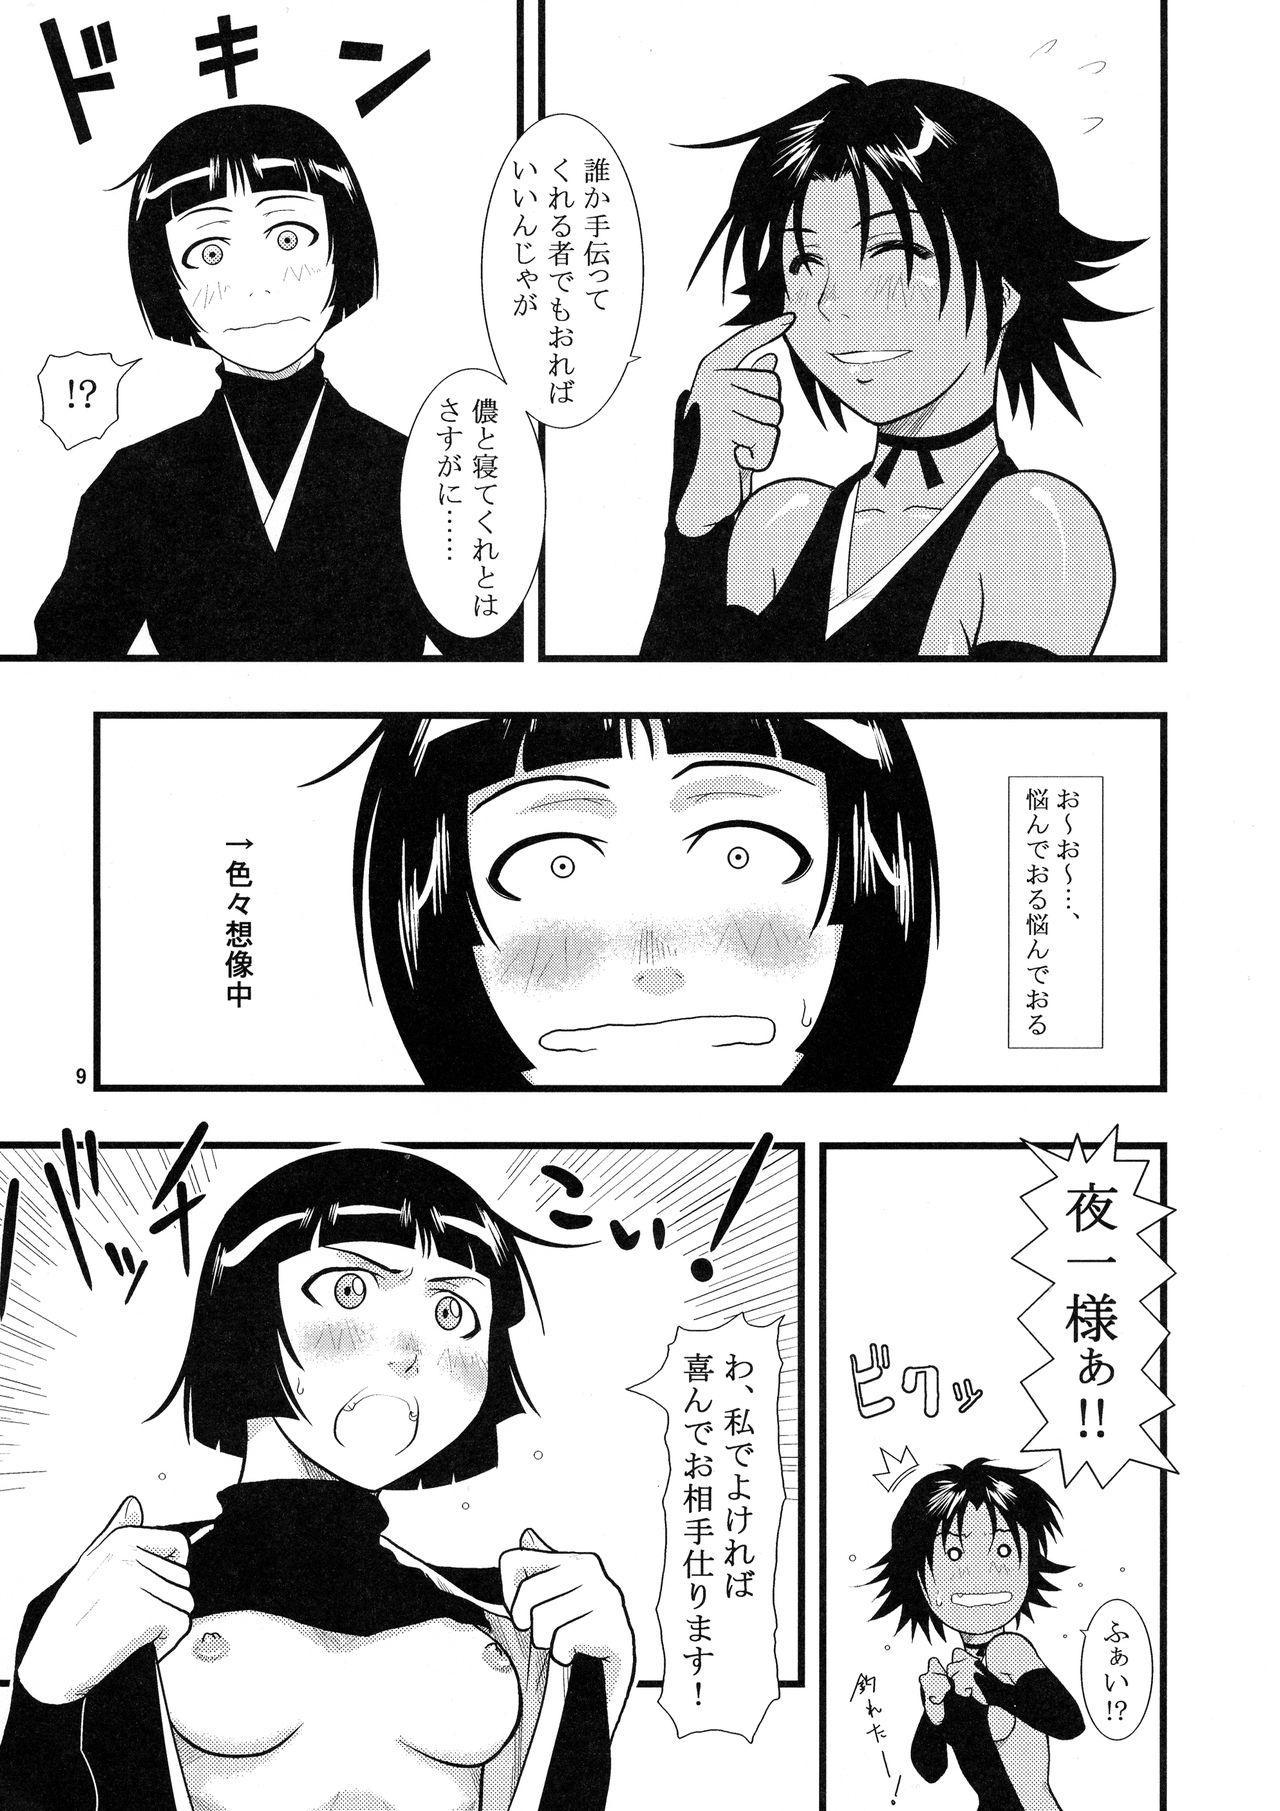 Yoruichi Nyan to Soi Fon no Hon 8